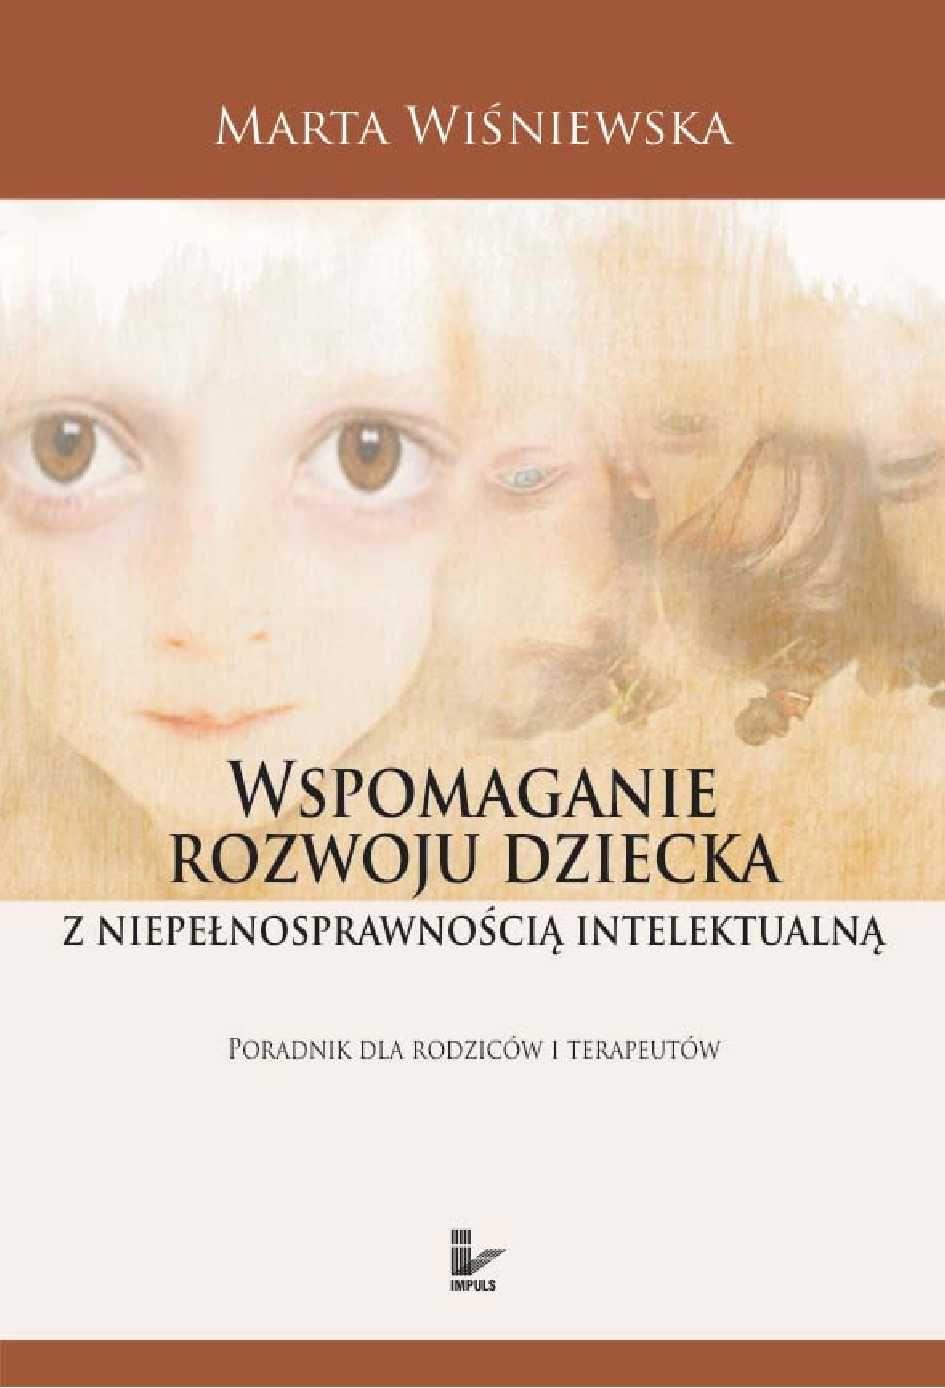 Wspomaganie rozwoju dziecka z niepełnosprawnością intelektualną - Ebook (Książka PDF) do pobrania w formacie PDF